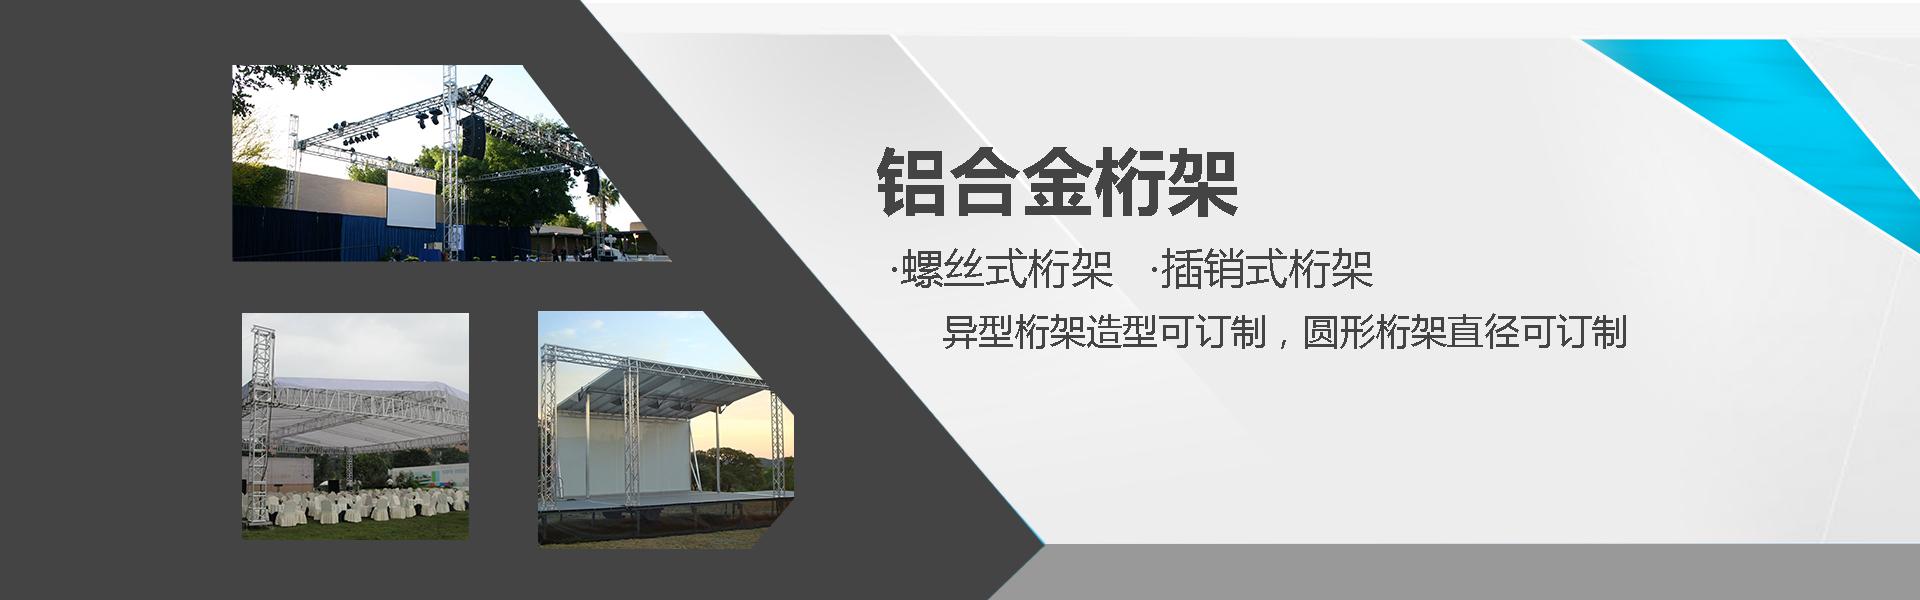 广州市本捷舞台设备有限公司